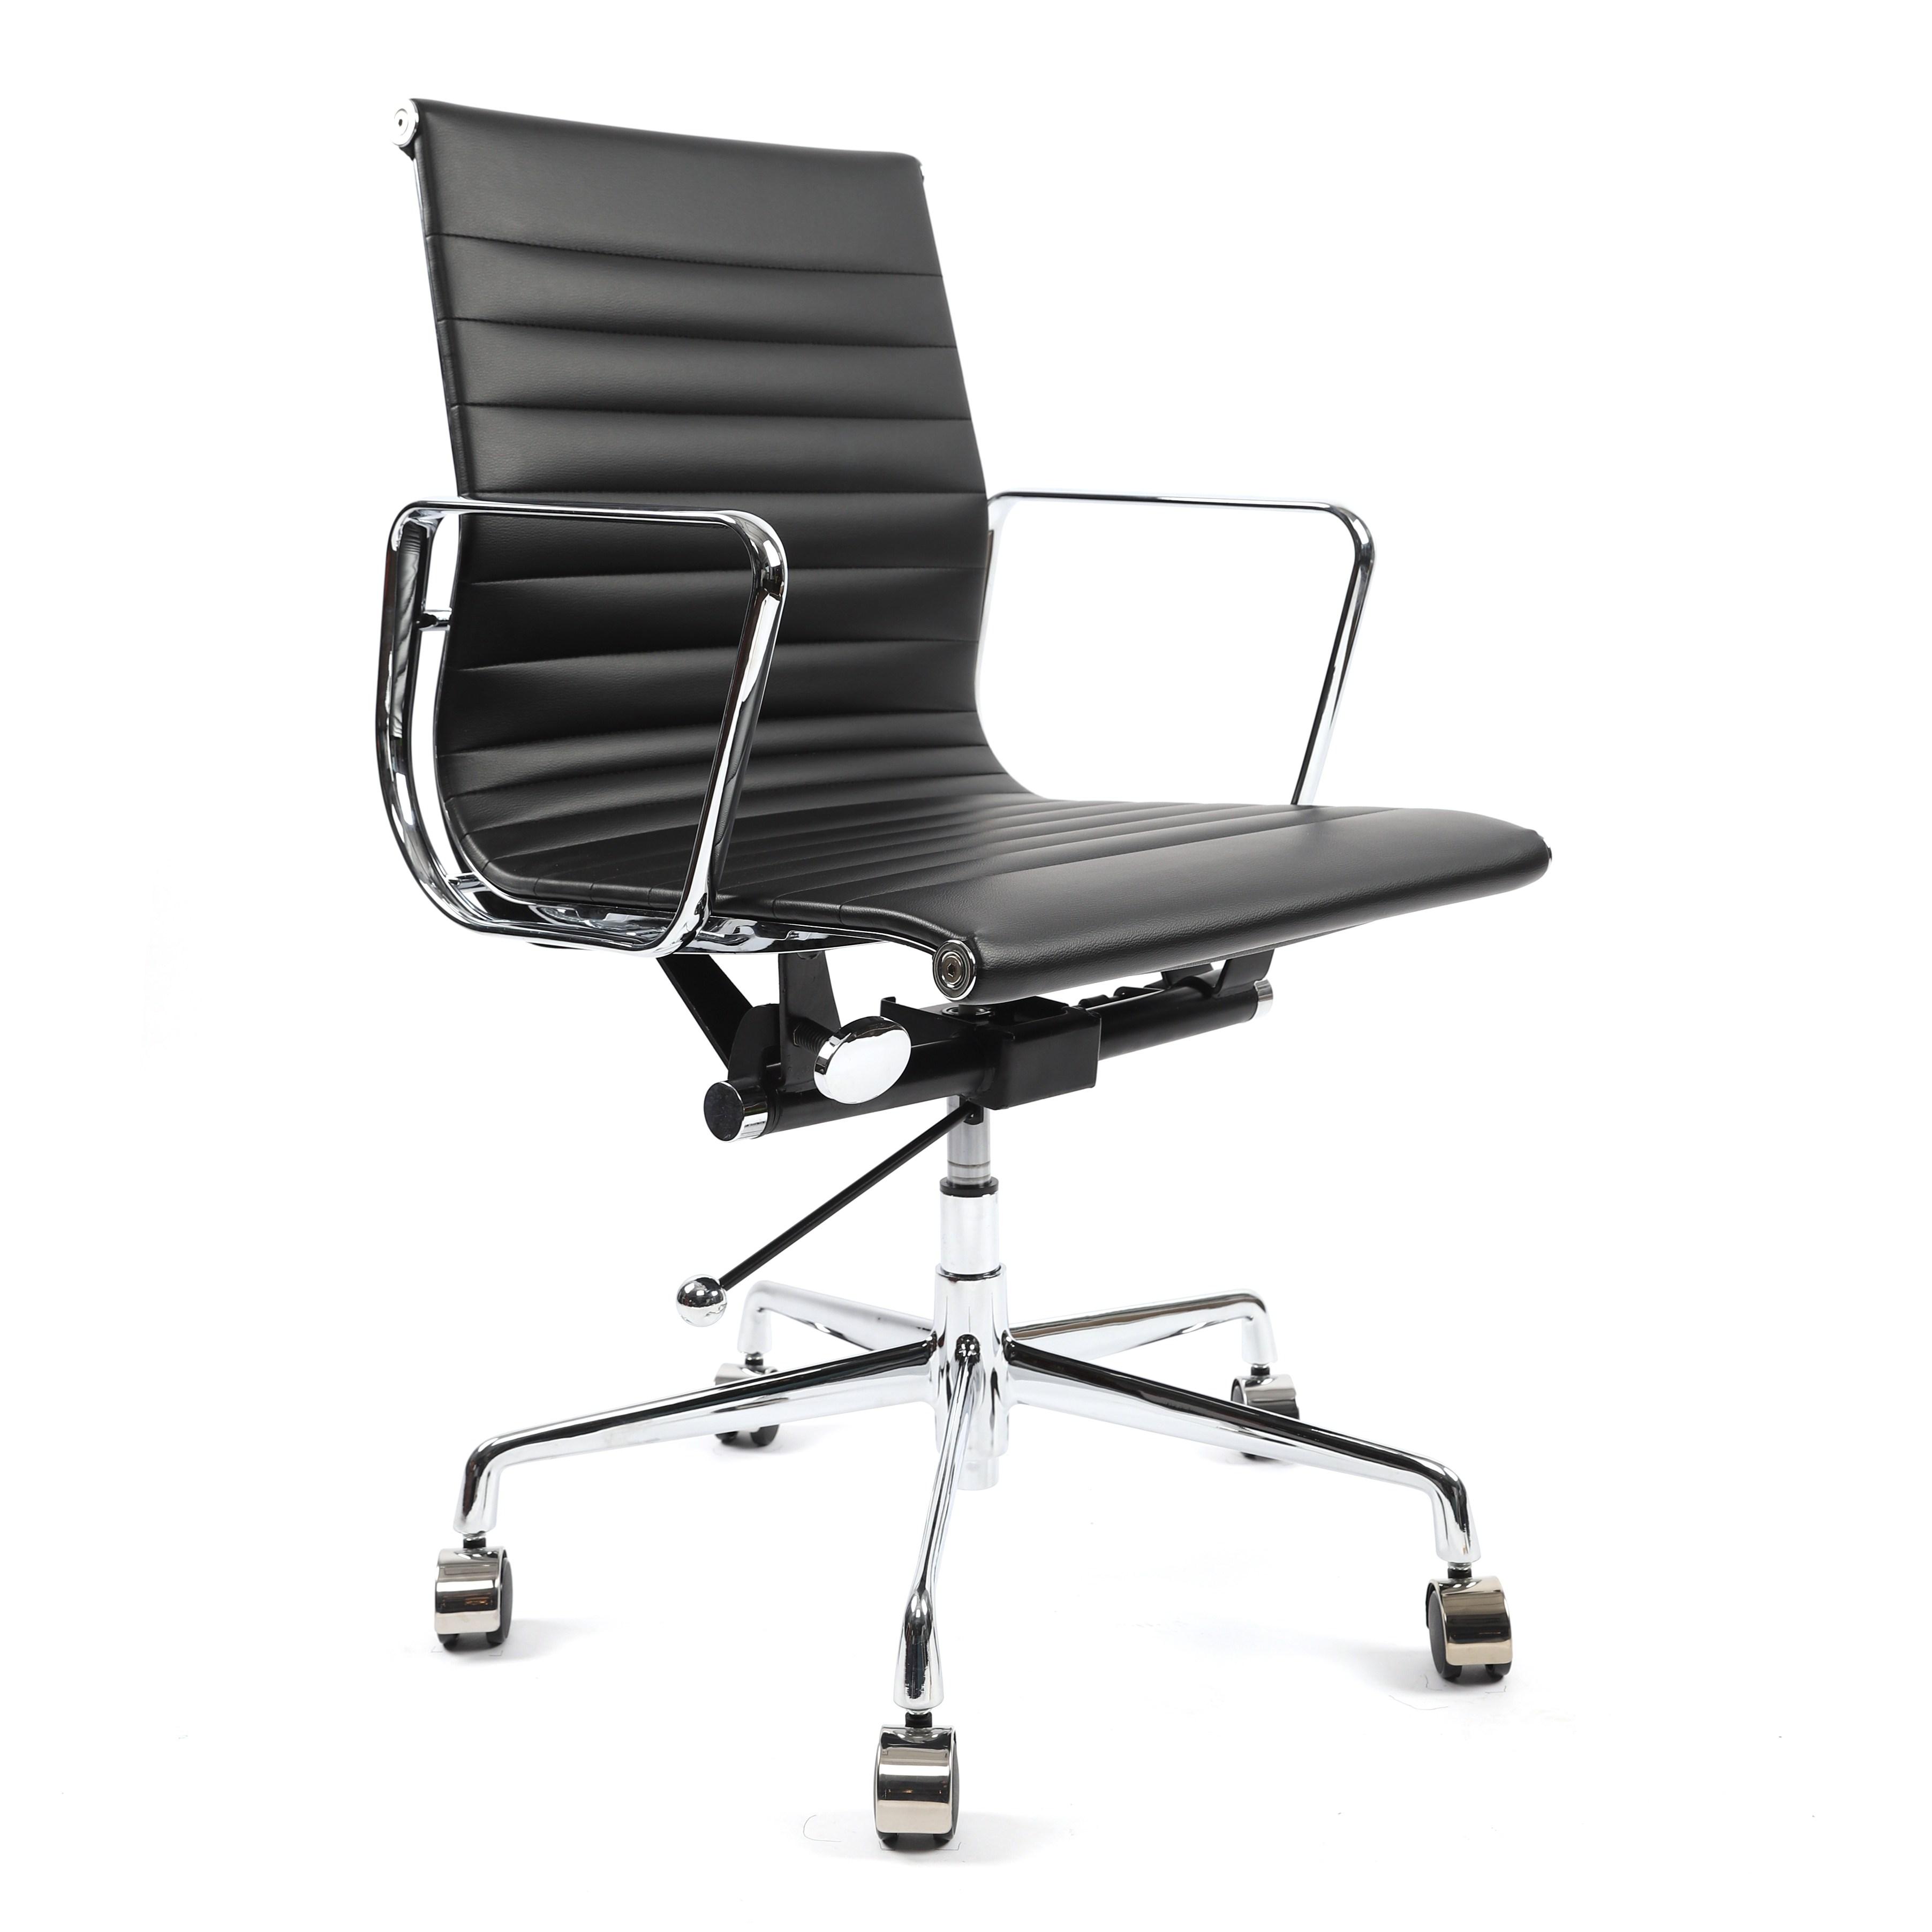 휘게체어 허먼밀러 임스체어 디자이너 명품 오피스 가죽 의자 인테리어, 인조가죽(PU) - 블랙